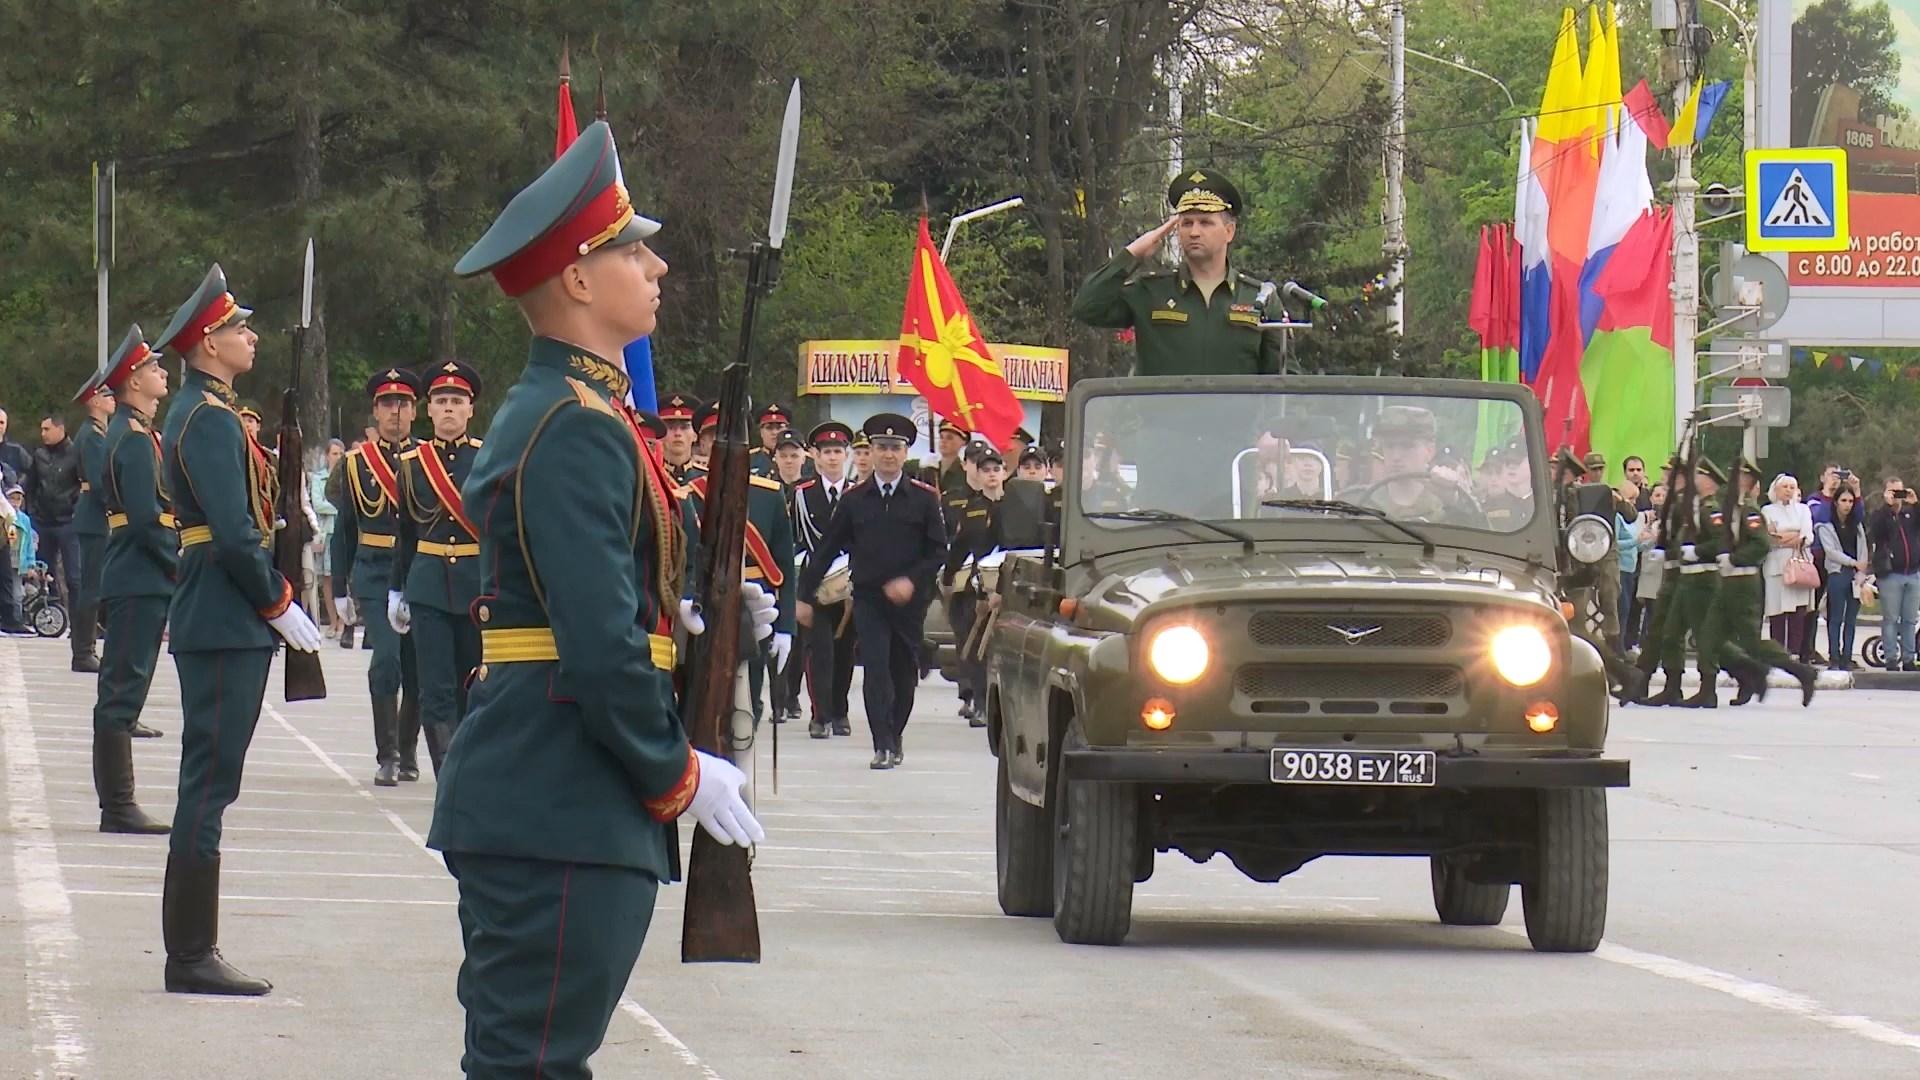 С 3 по 7 мая в Новочеркасске пройдут репетиции Парада Победы